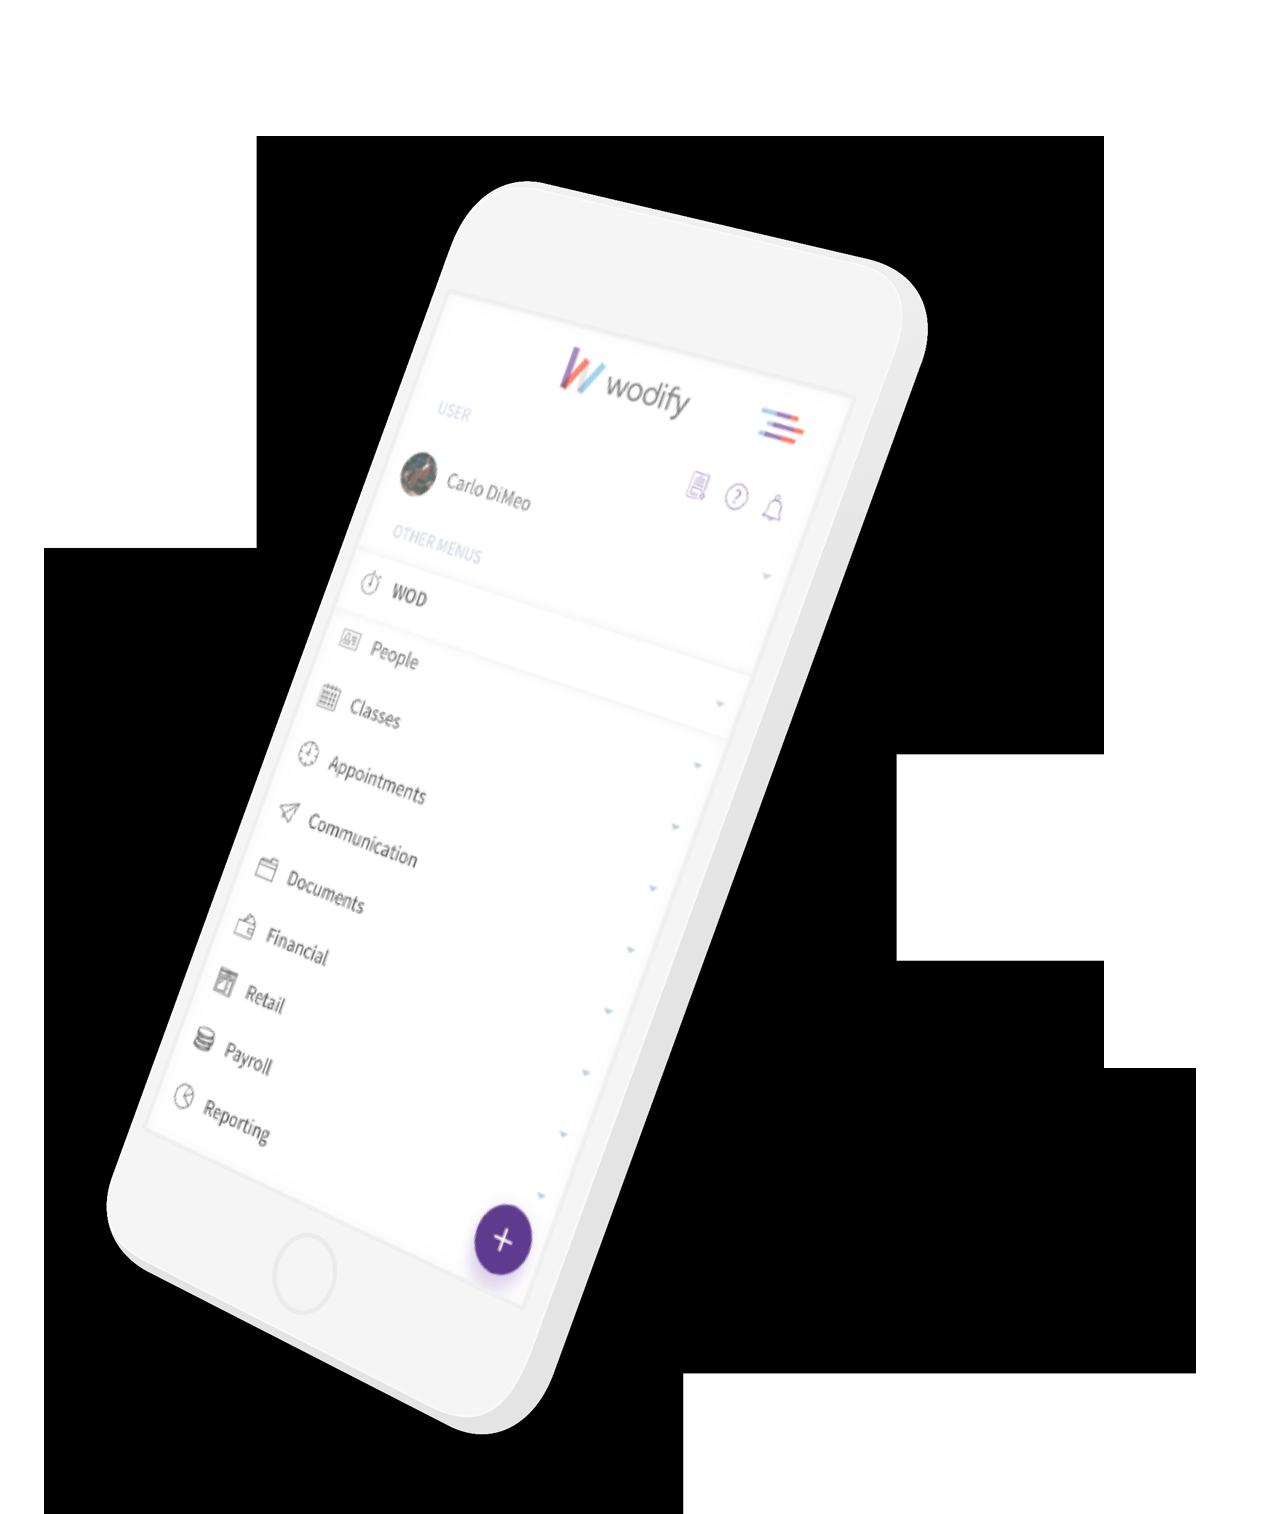 Admin App Mobile Screen